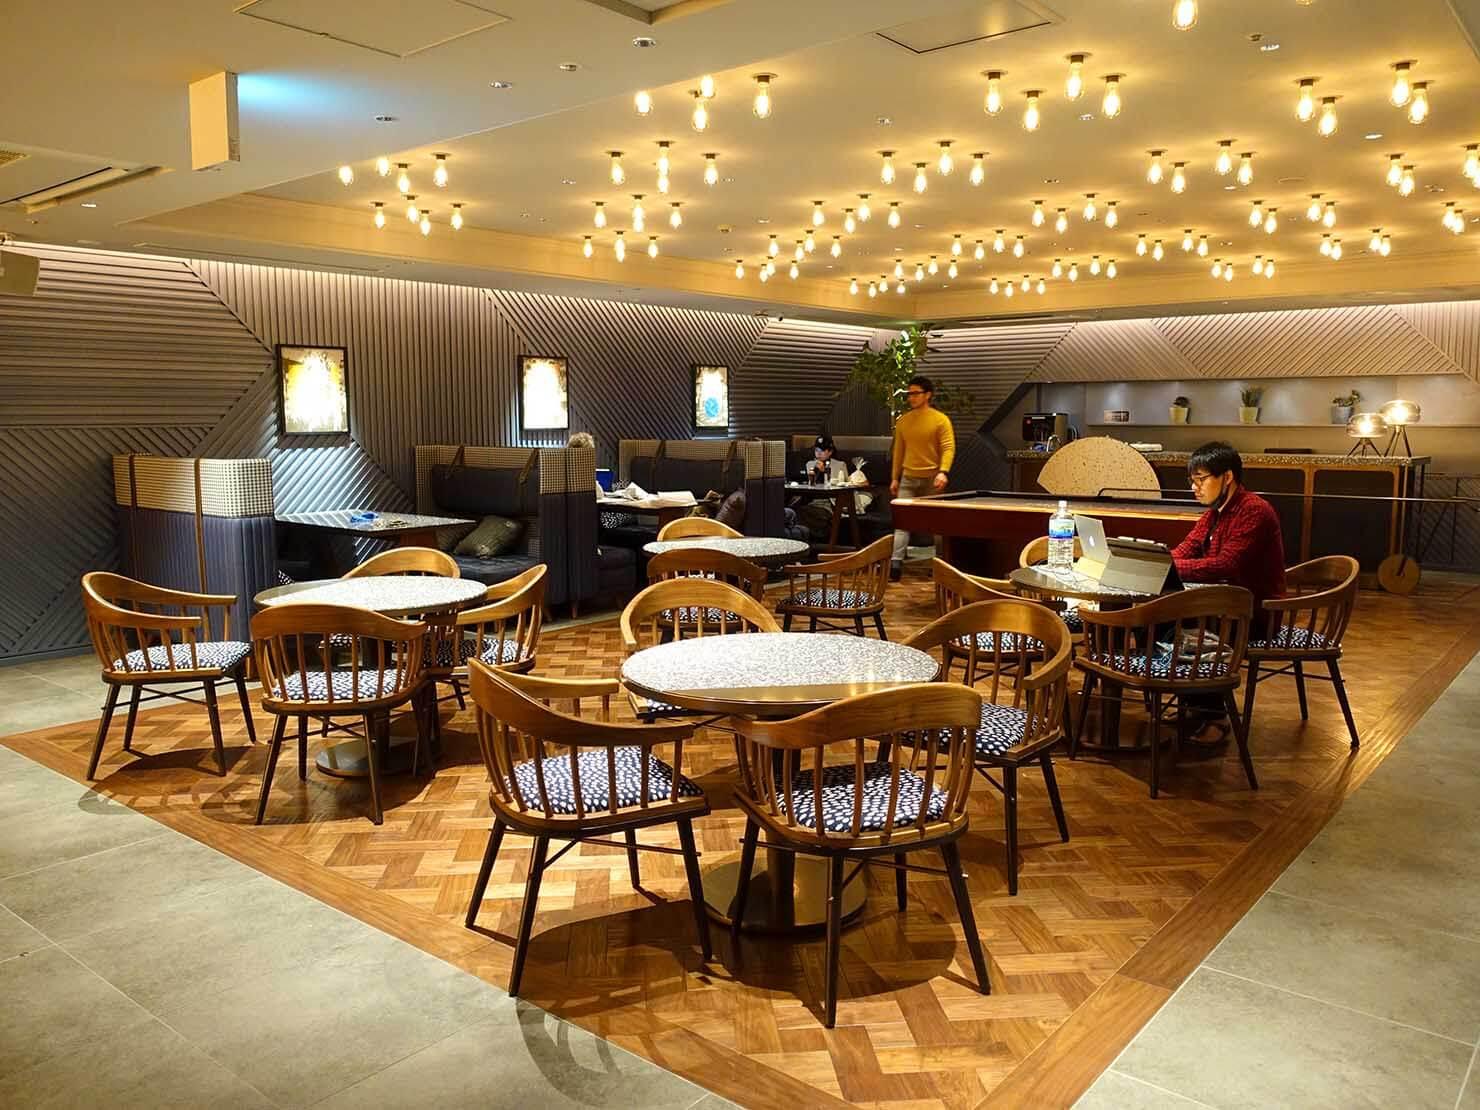 福岡・中洲川端にあるおしゃれなおすすめホテル「THE LIVELY」のコワーキングスペース・LIVERALLYのテーブル席